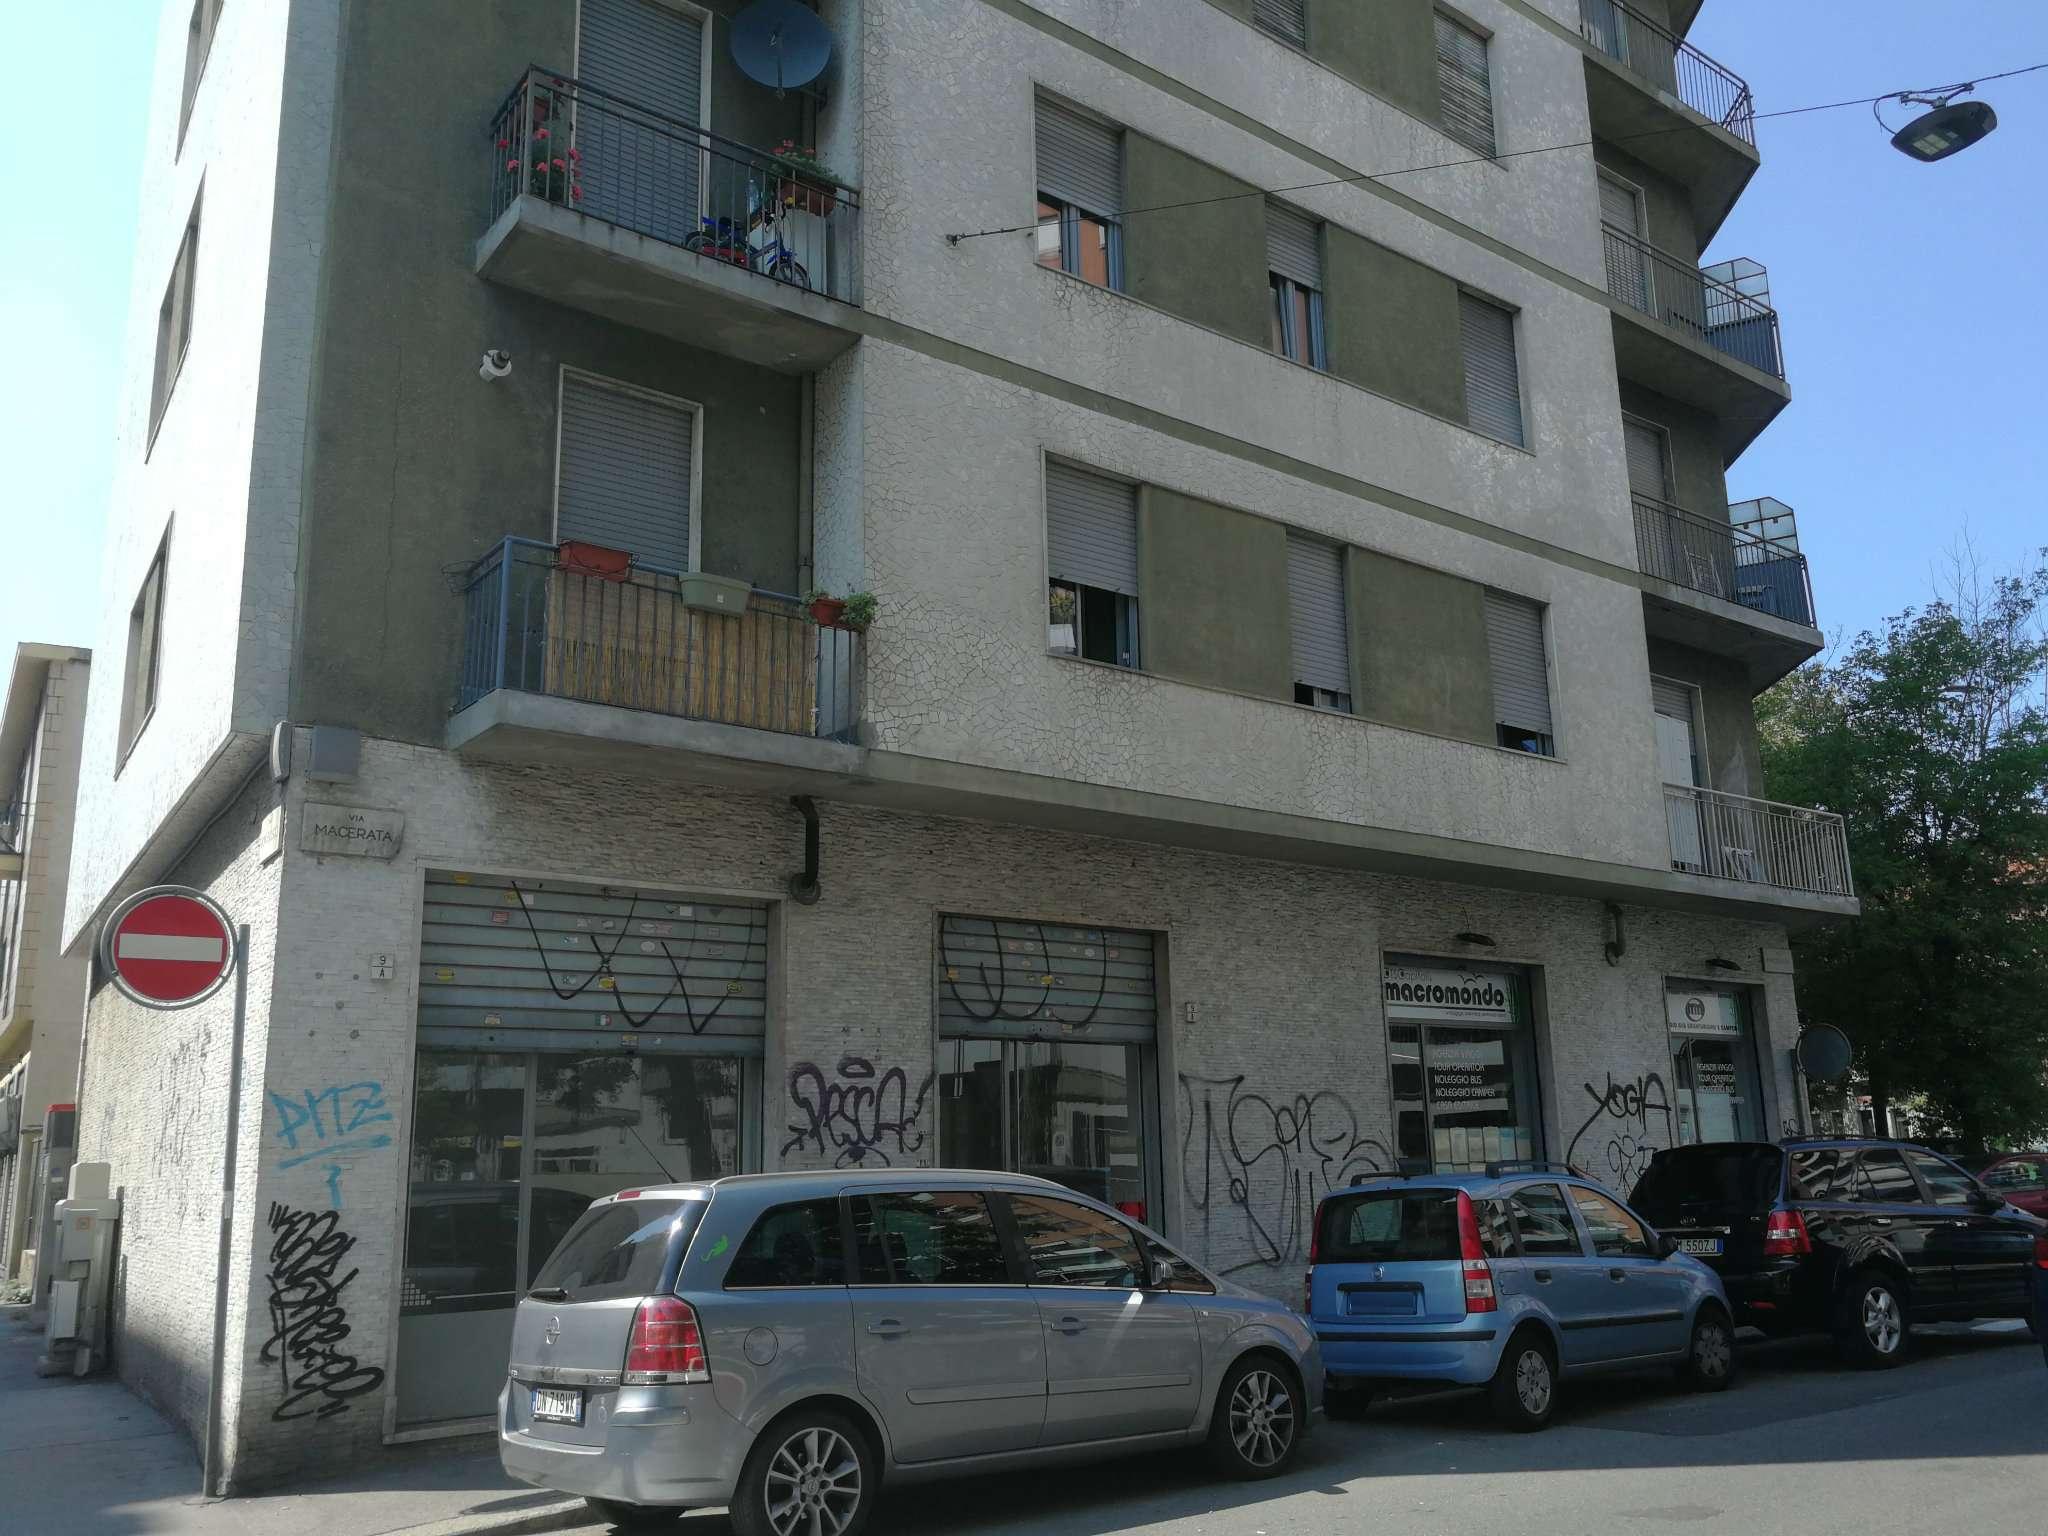 Negozio in vendita Zona Madonna di Campagna, Borgo Vittoria... - corso Umbria Torino